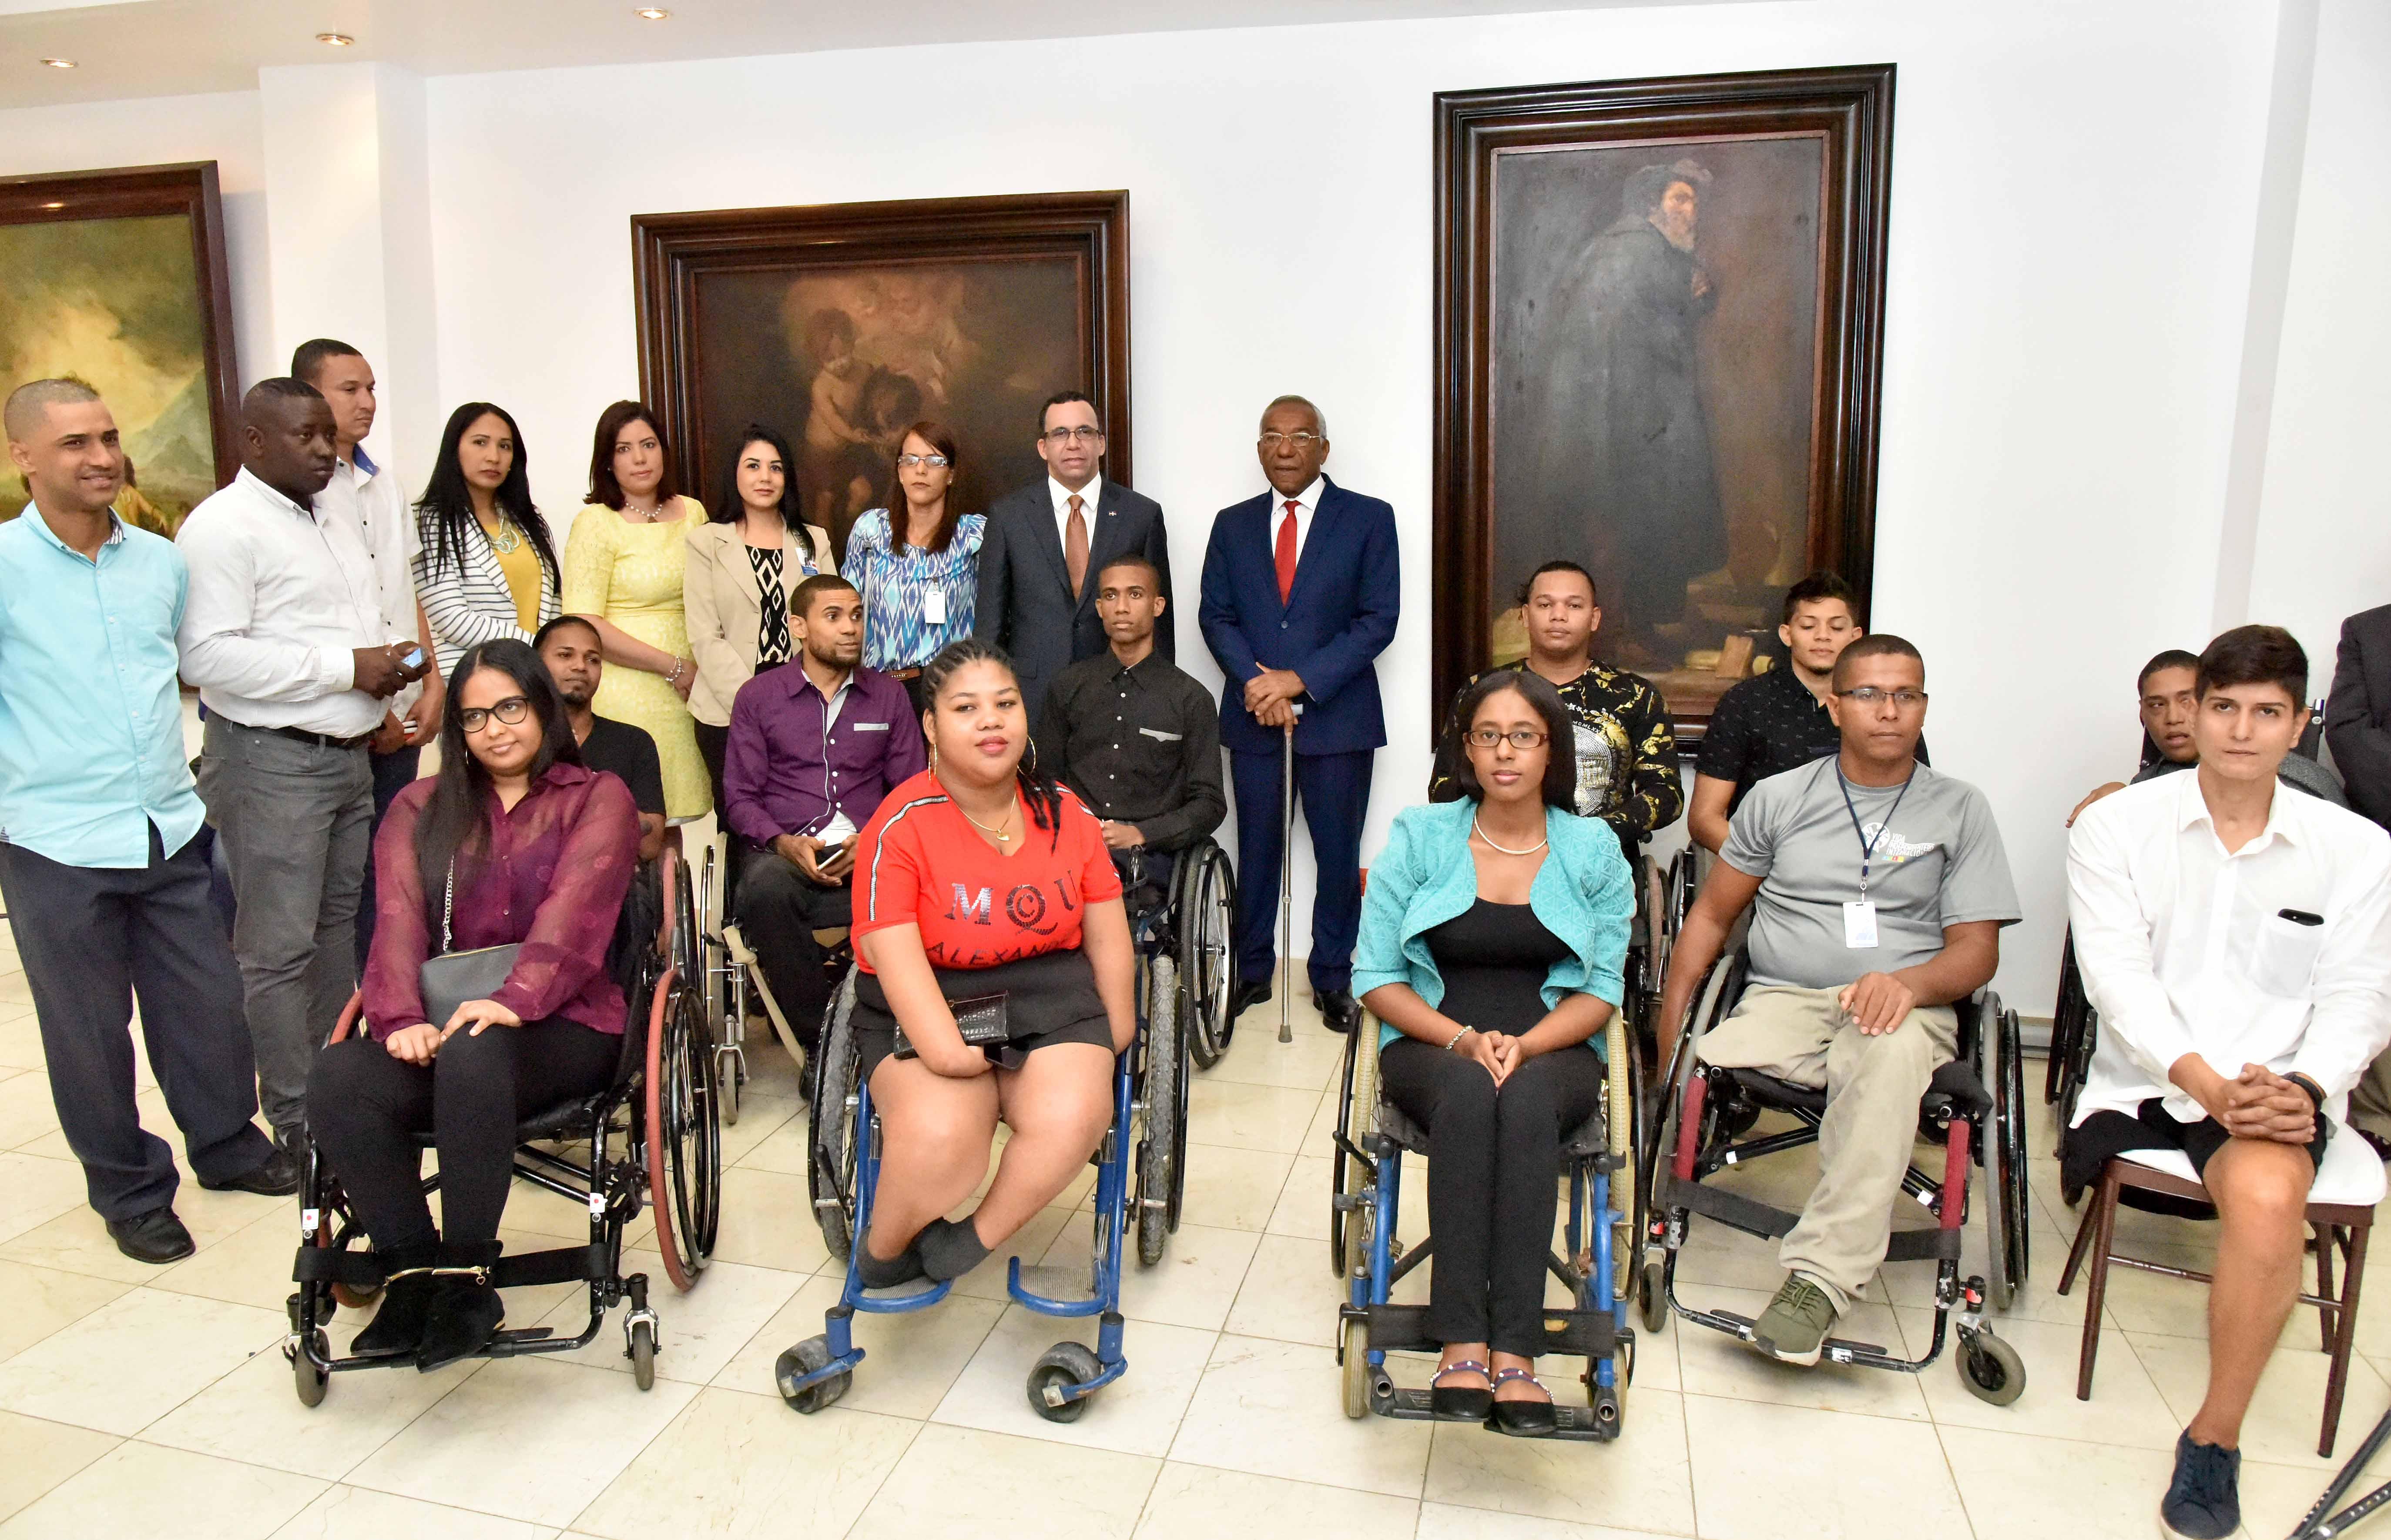 Minerd contratará a personas con discapacidad tras acuerdo con Conadis